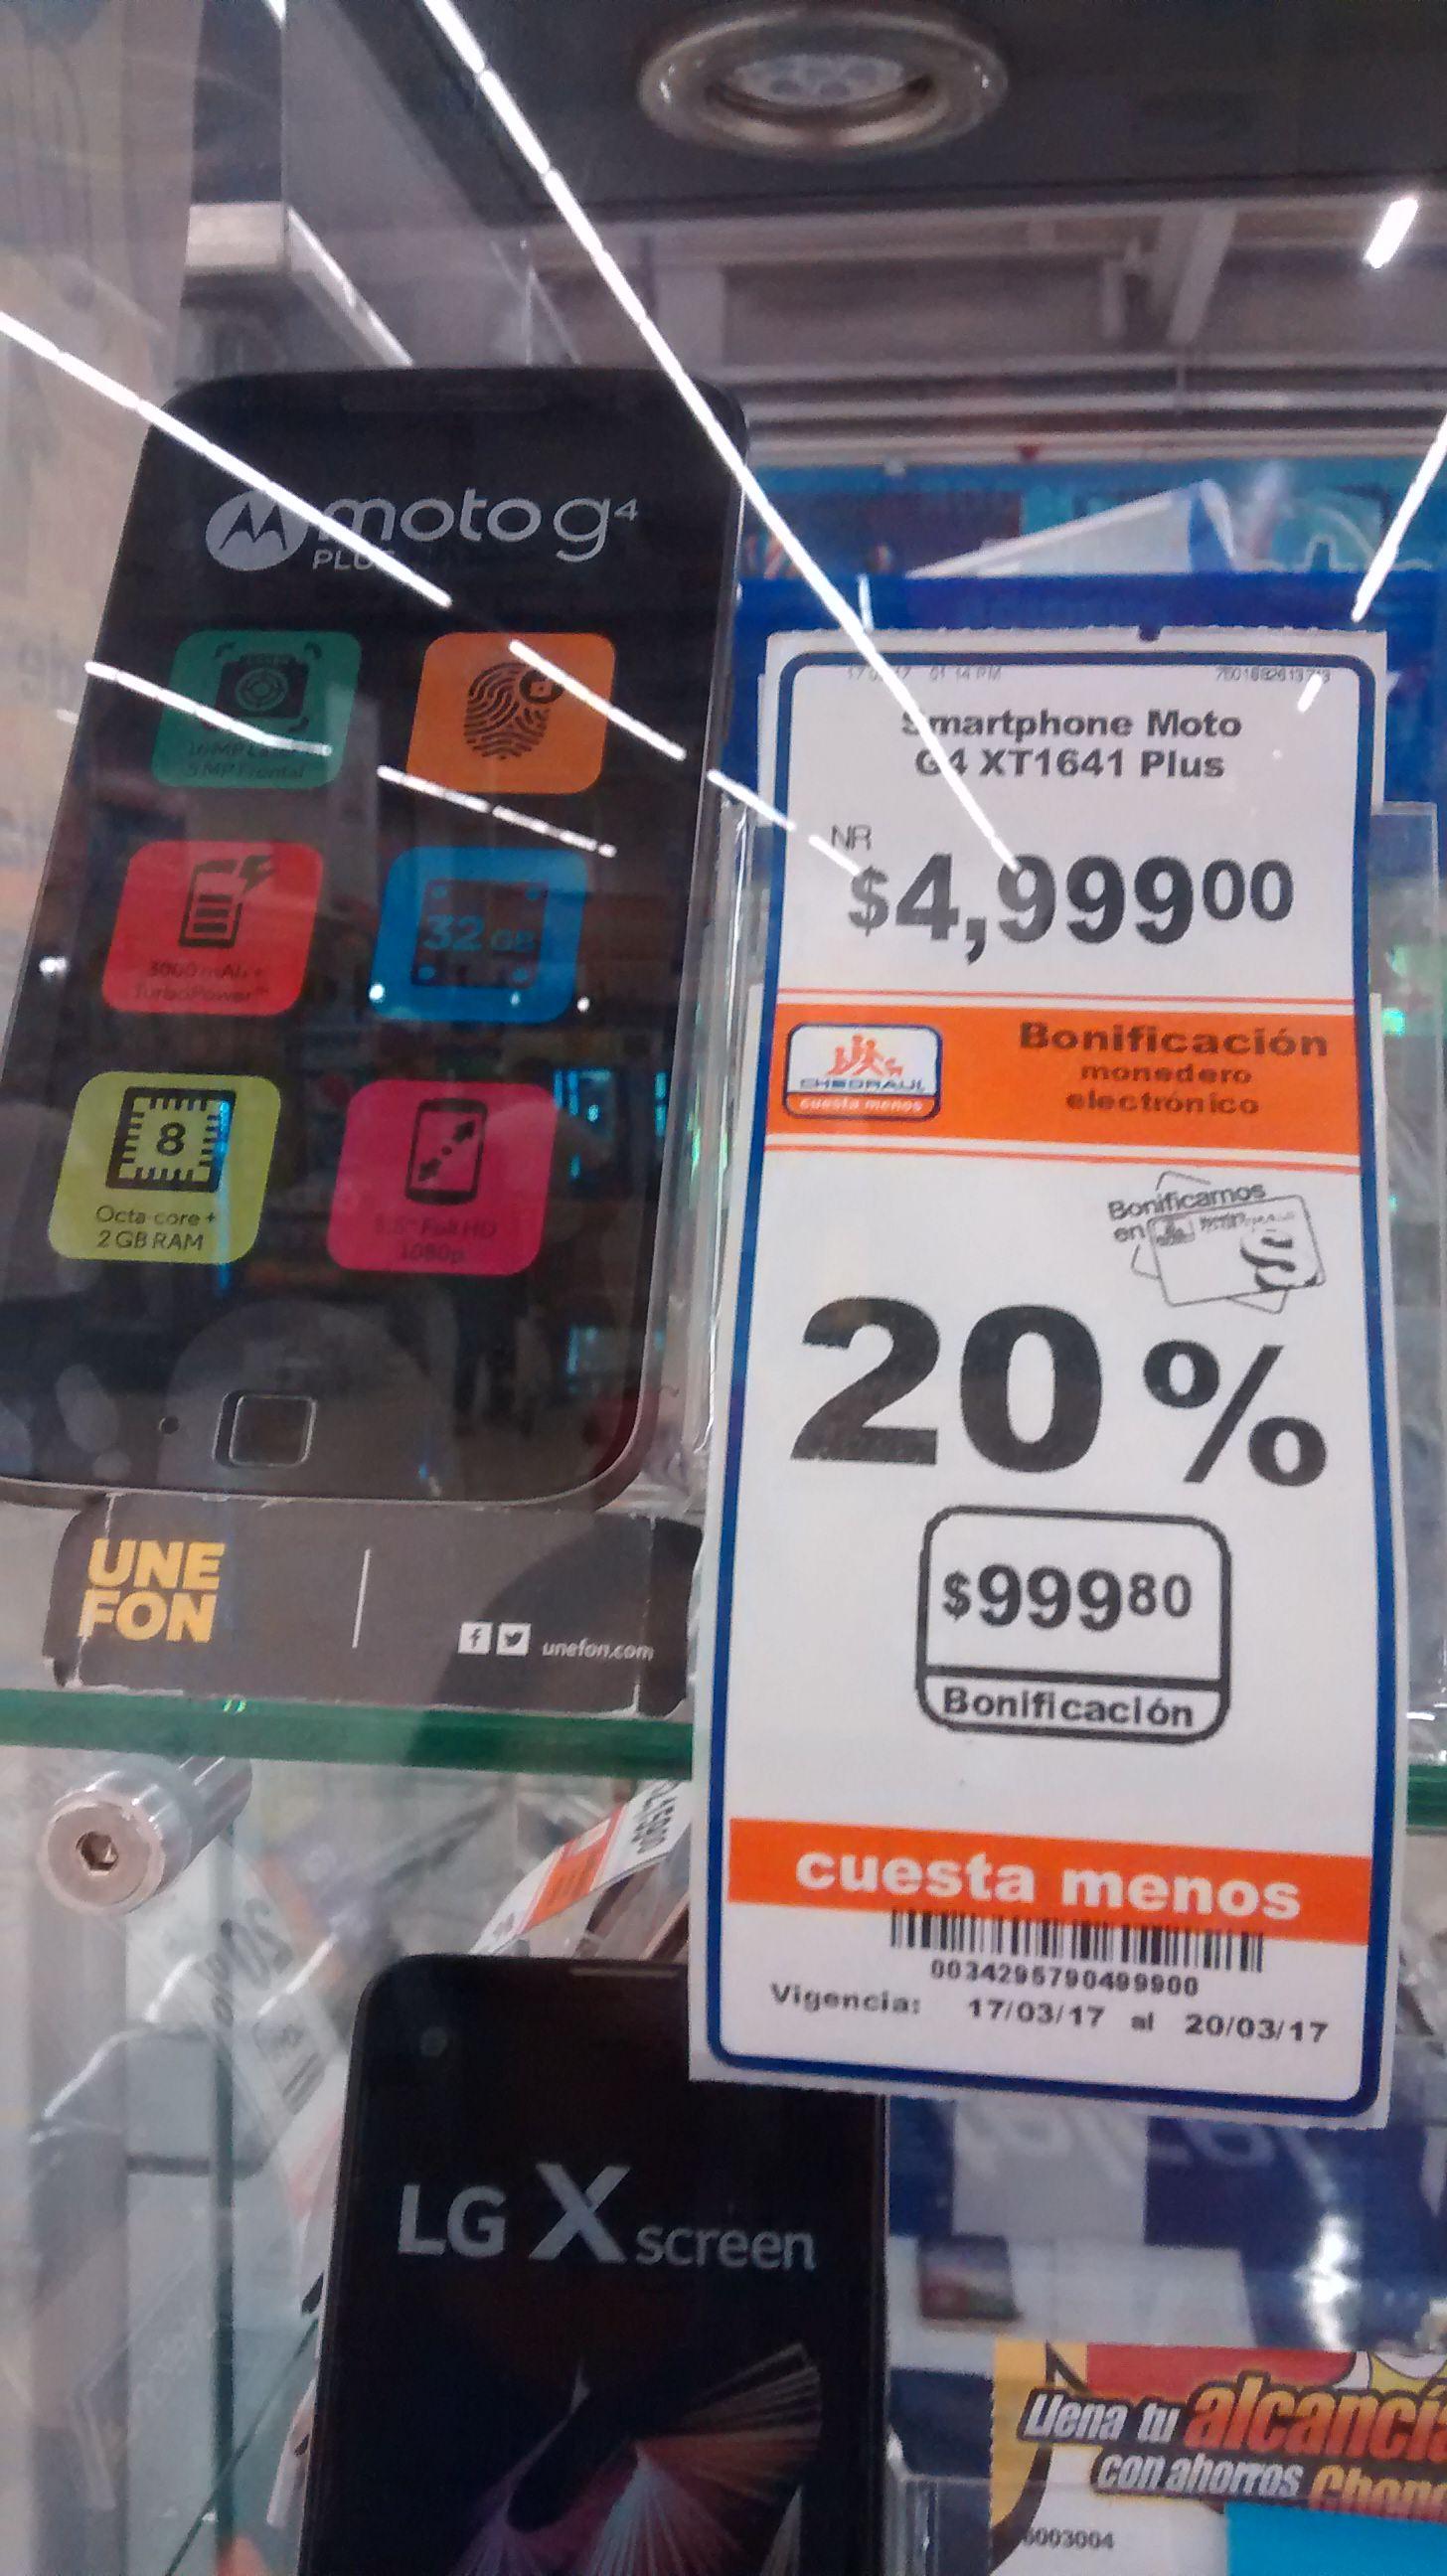 Chedraui Merida Itzaes: Moto G 4 Plus, focos led philips y otras ofertas